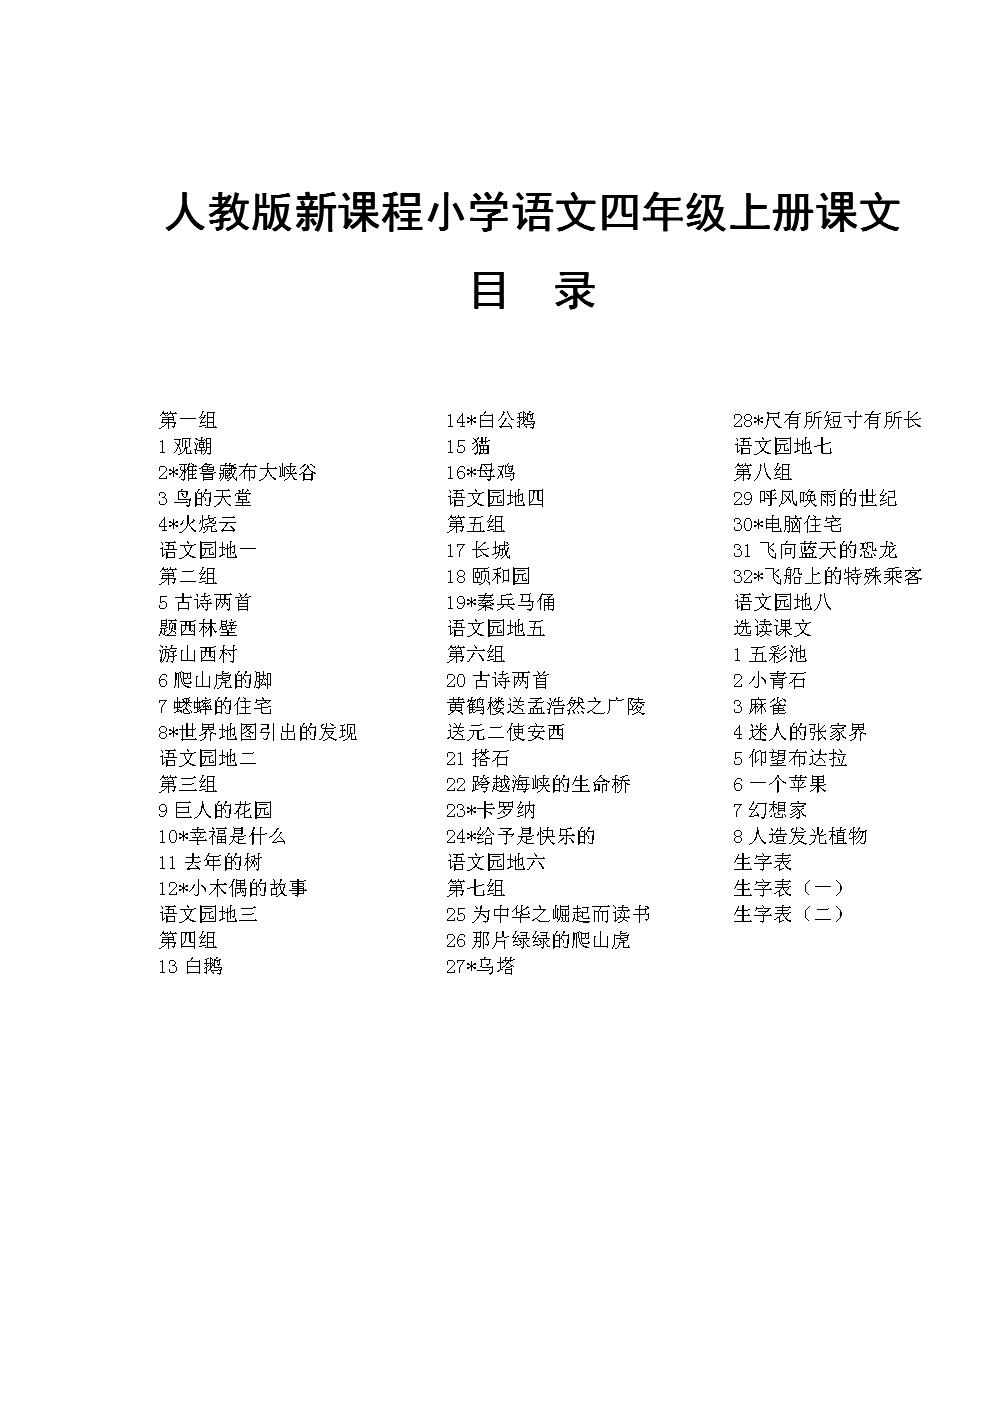 小学版2012-2013语文四人教内容上册说课稿全教学活动记录年级图片